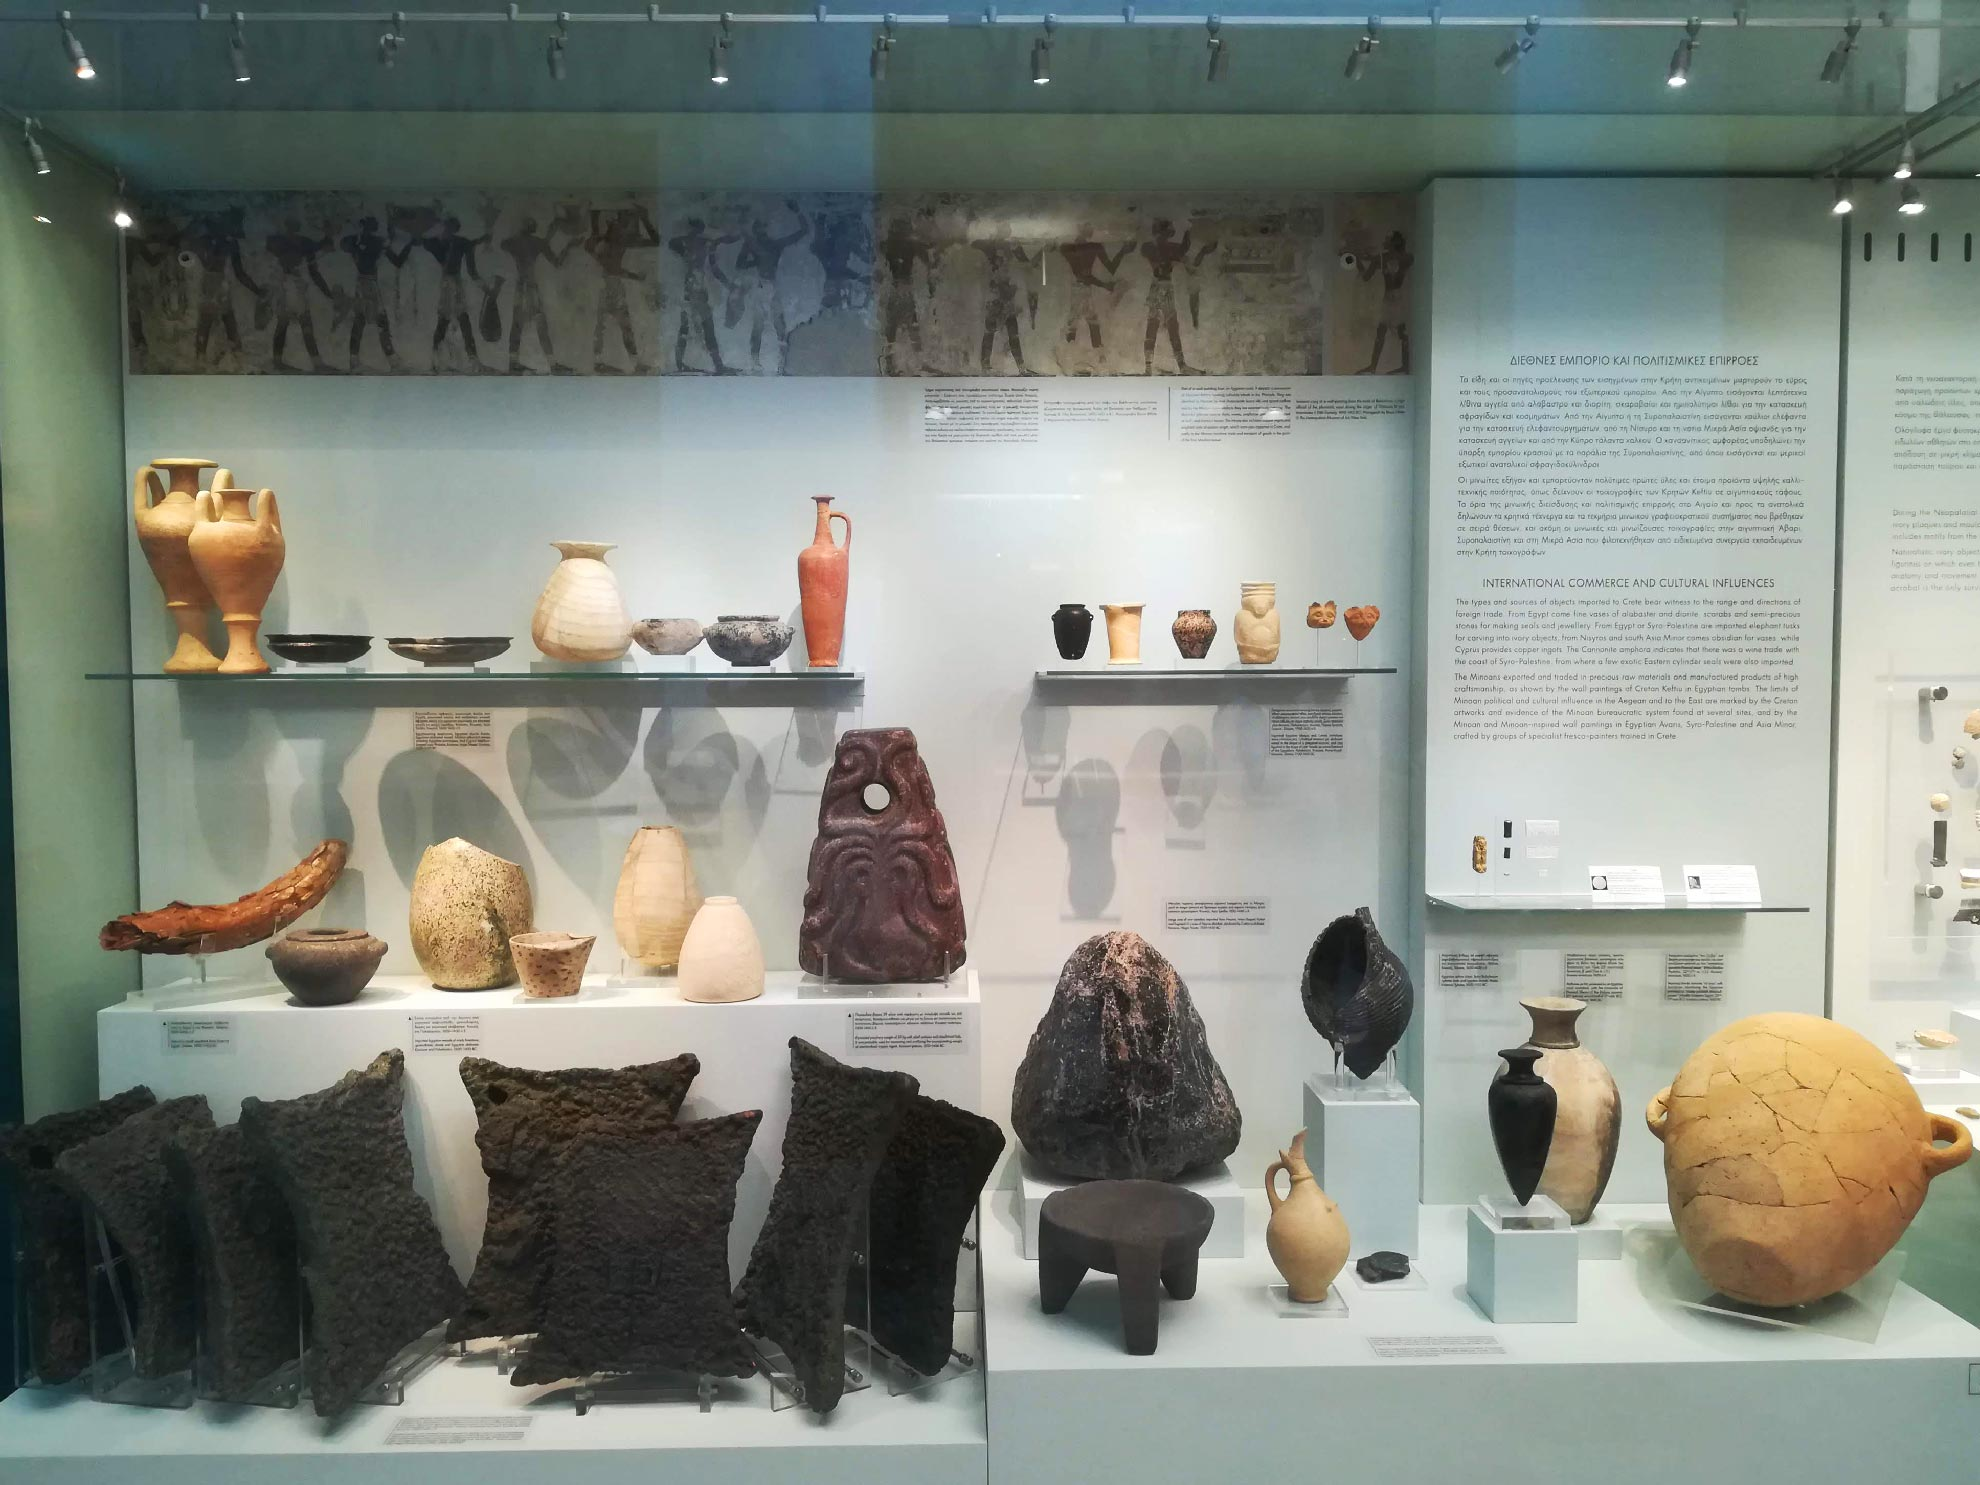 Suppellettili e oggetti decorativi conservati all'interno del Museo di Heraklion